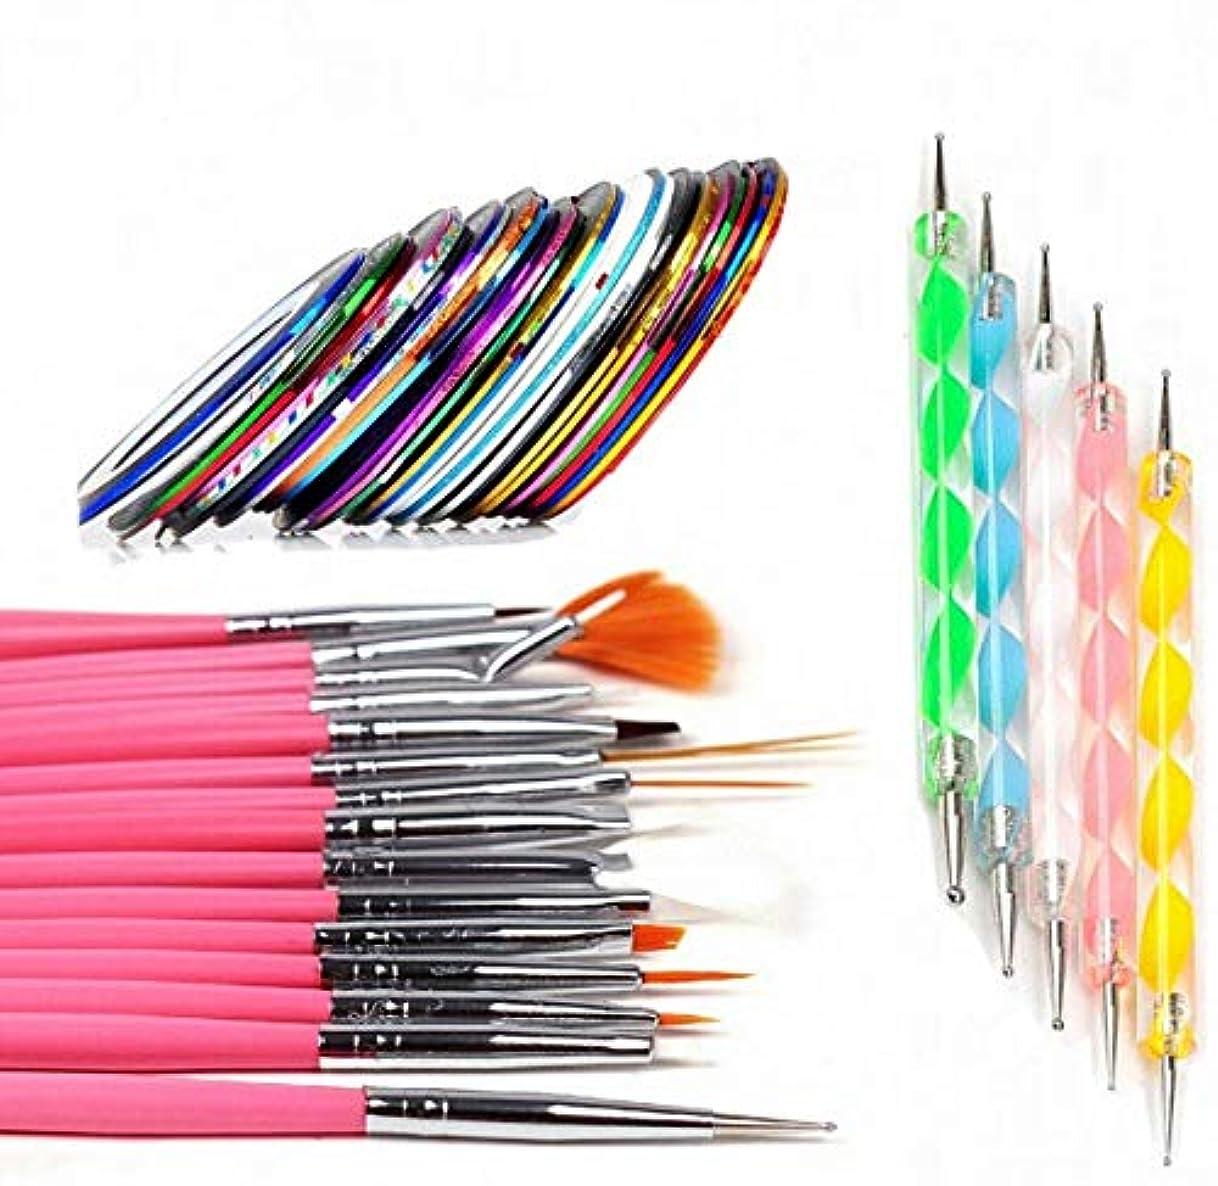 ブラウズブラウズ最もWellieSTR 55pcs バンドルネイルアートツールキット:15pcsアクリルネイルアートデザインペインティングディテールブラシ+ 35pcs混合色ストリッピングテープ+ 5pcsドットペン(10サイズ)